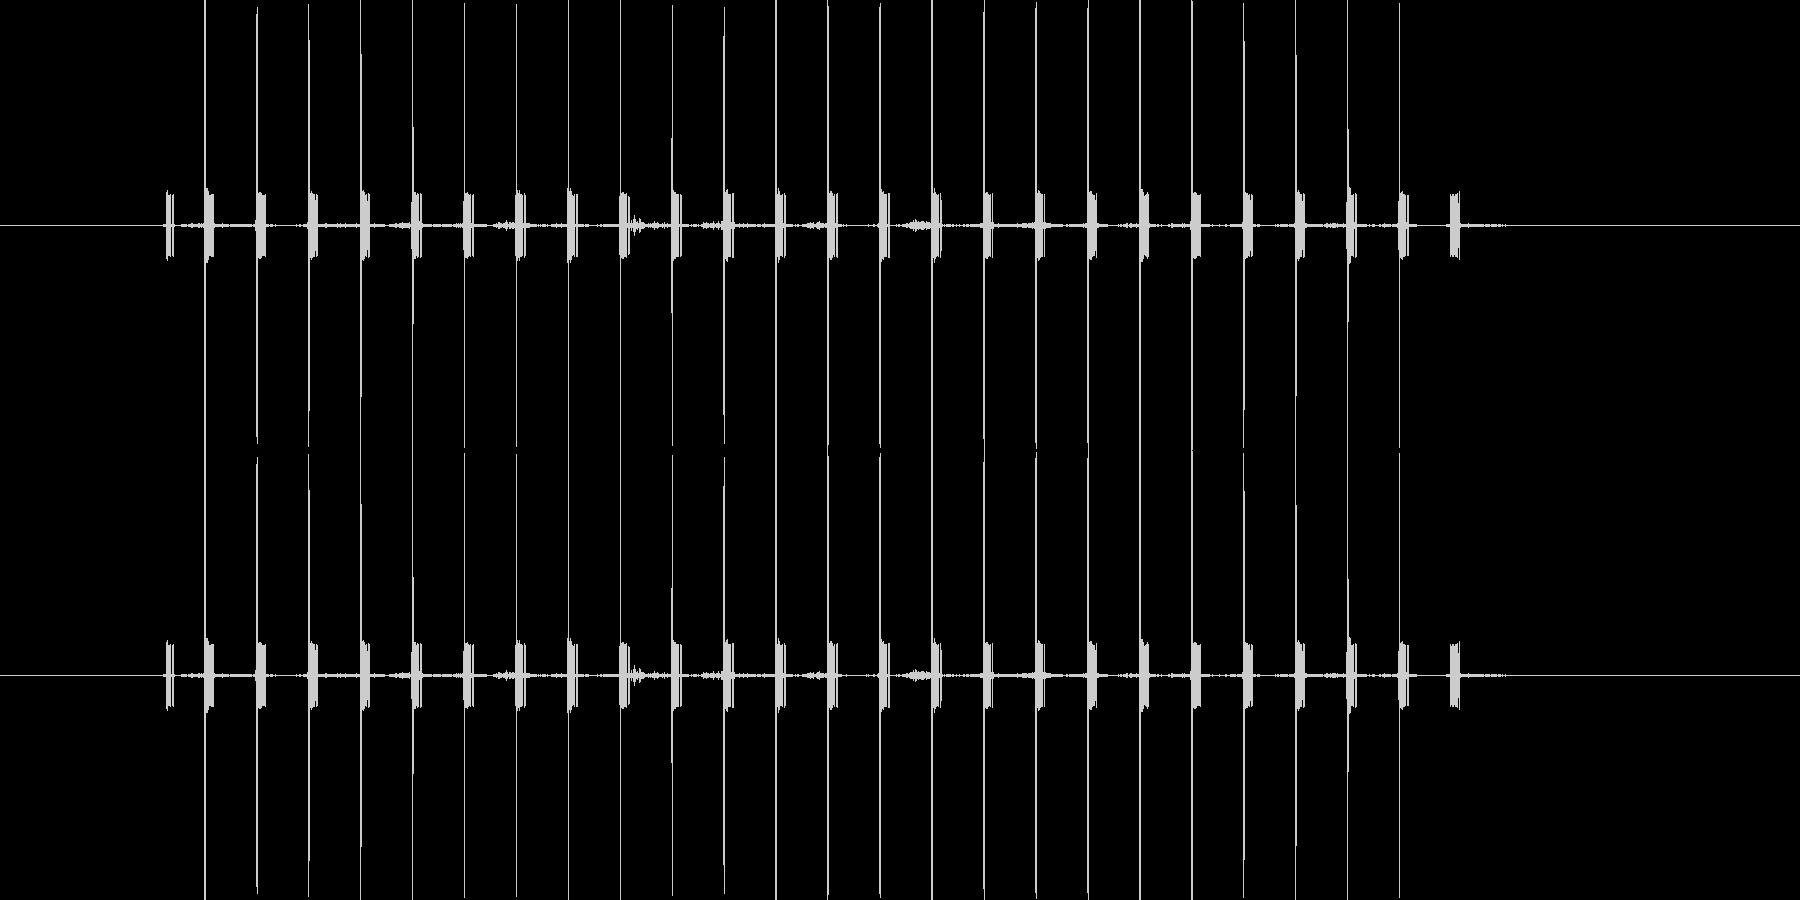 間違い時の機械音/長めの未再生の波形